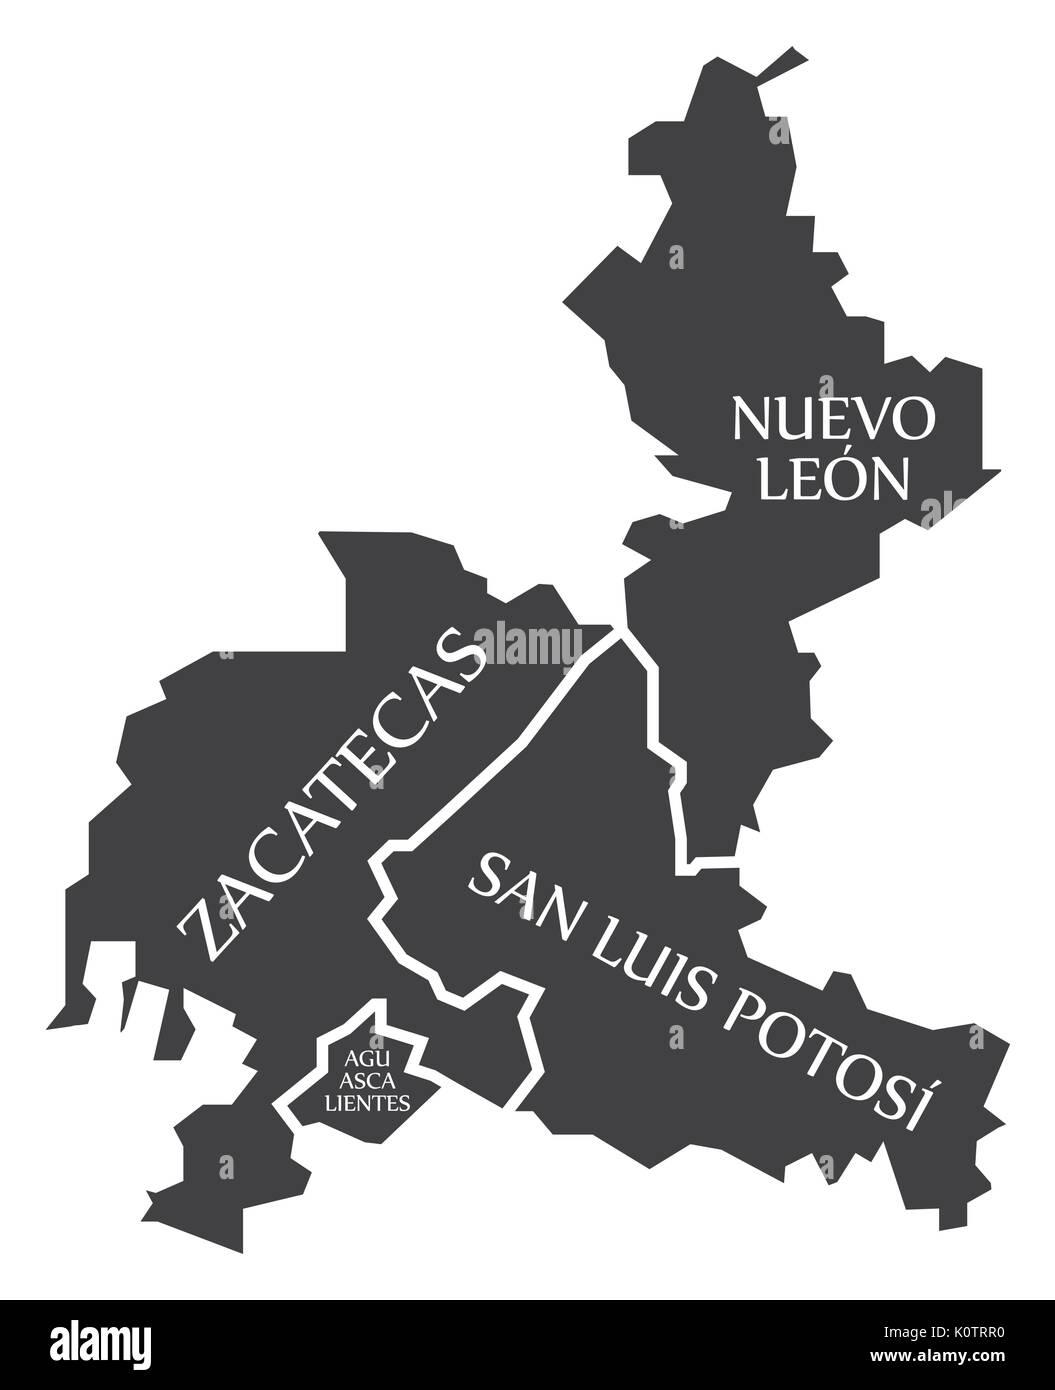 Zacatecas - Nuevo Leon - San Luis Potosi - Aguascalientes Map Mexico illustration - Stock Image